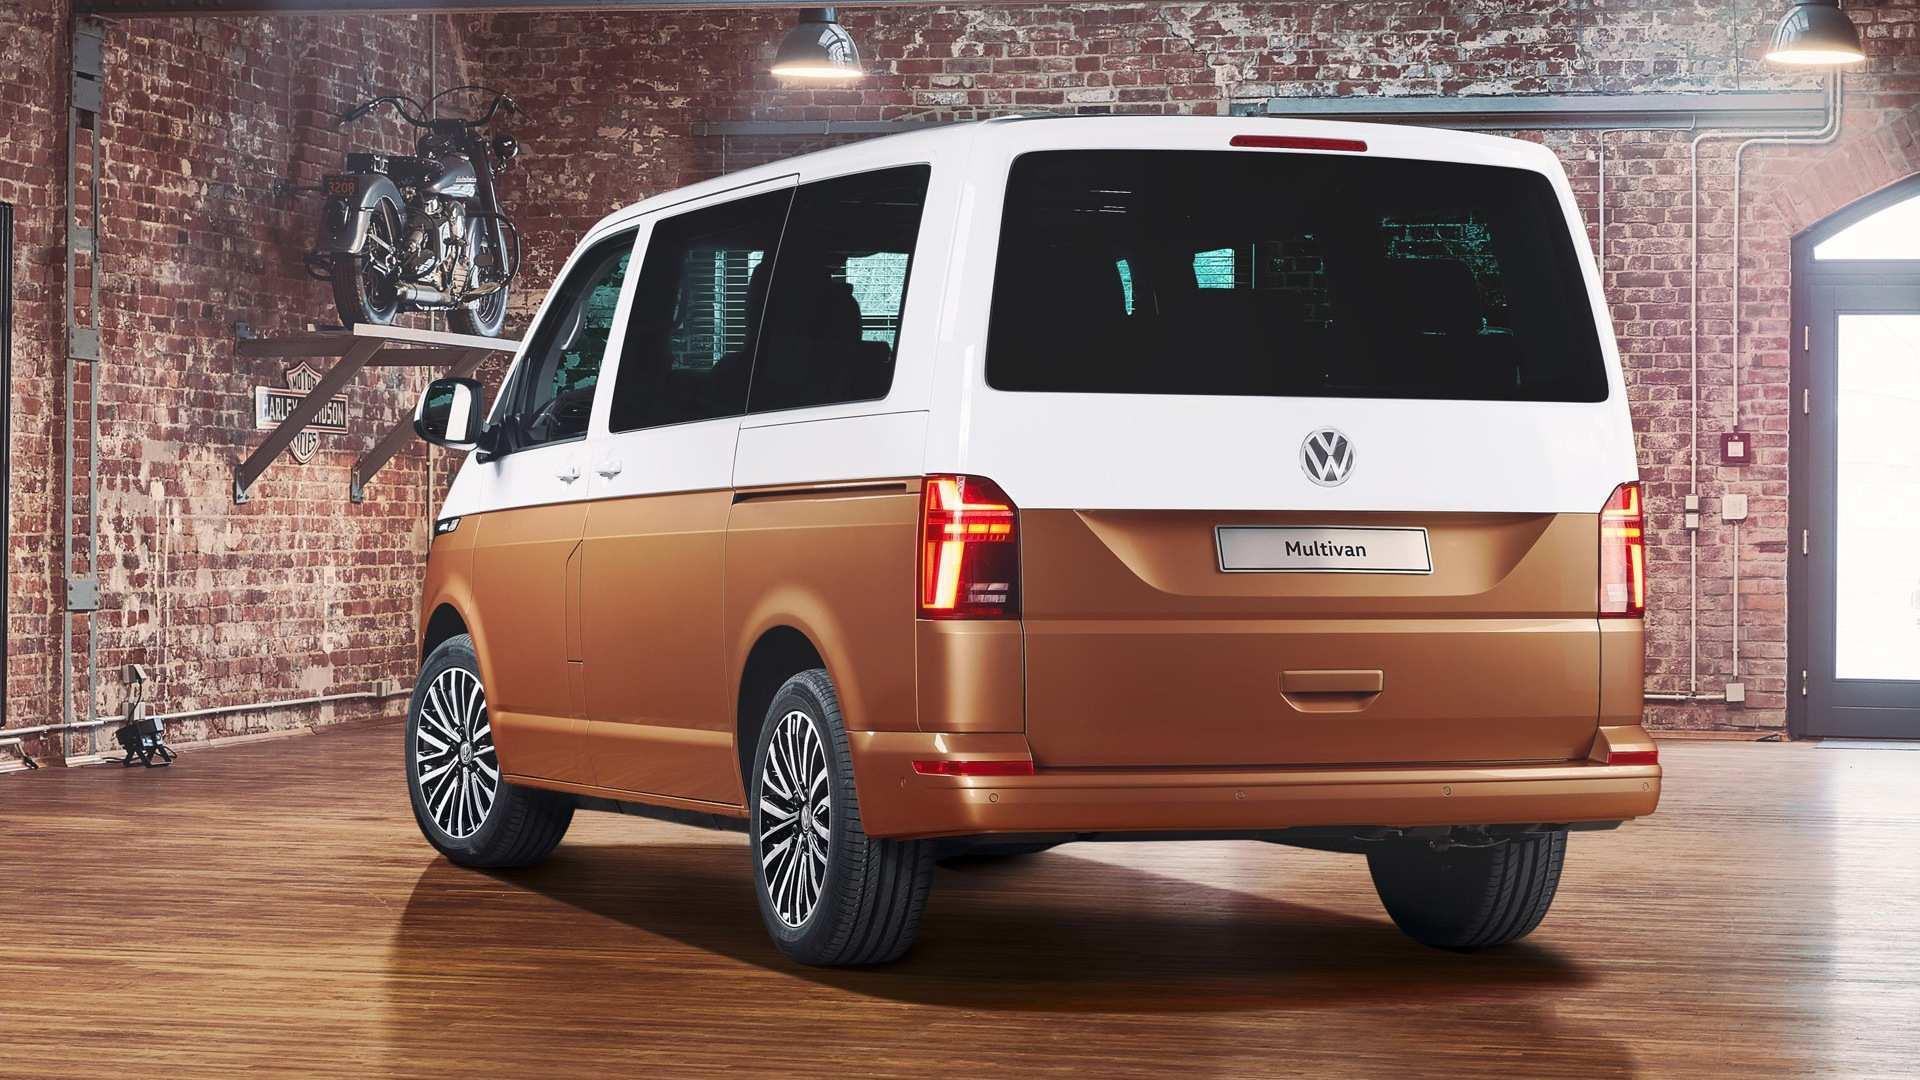 65 All New Volkswagen Minibus 2020 Specs with Volkswagen Minibus 2020